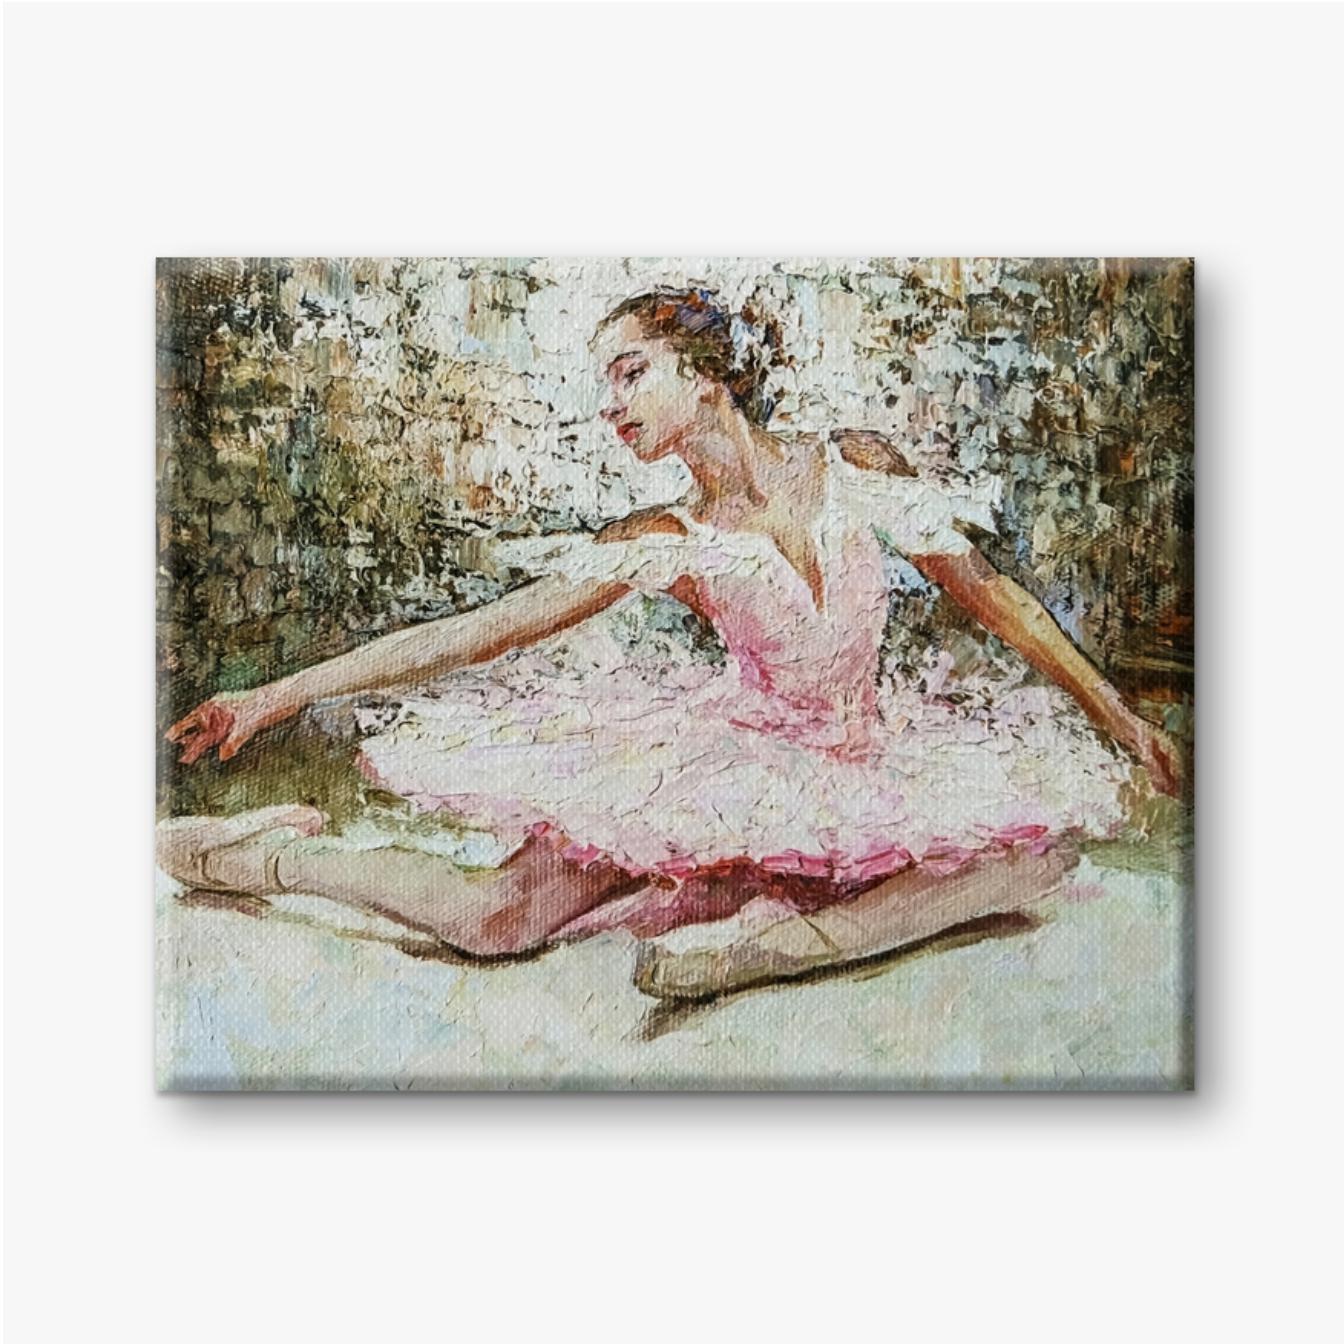 Junges schönes Mädchen, Ballerina in einem üppigen rosa Ballett-Tutu während einer Aufführung auf dem ausdrucksstarken Hintergru